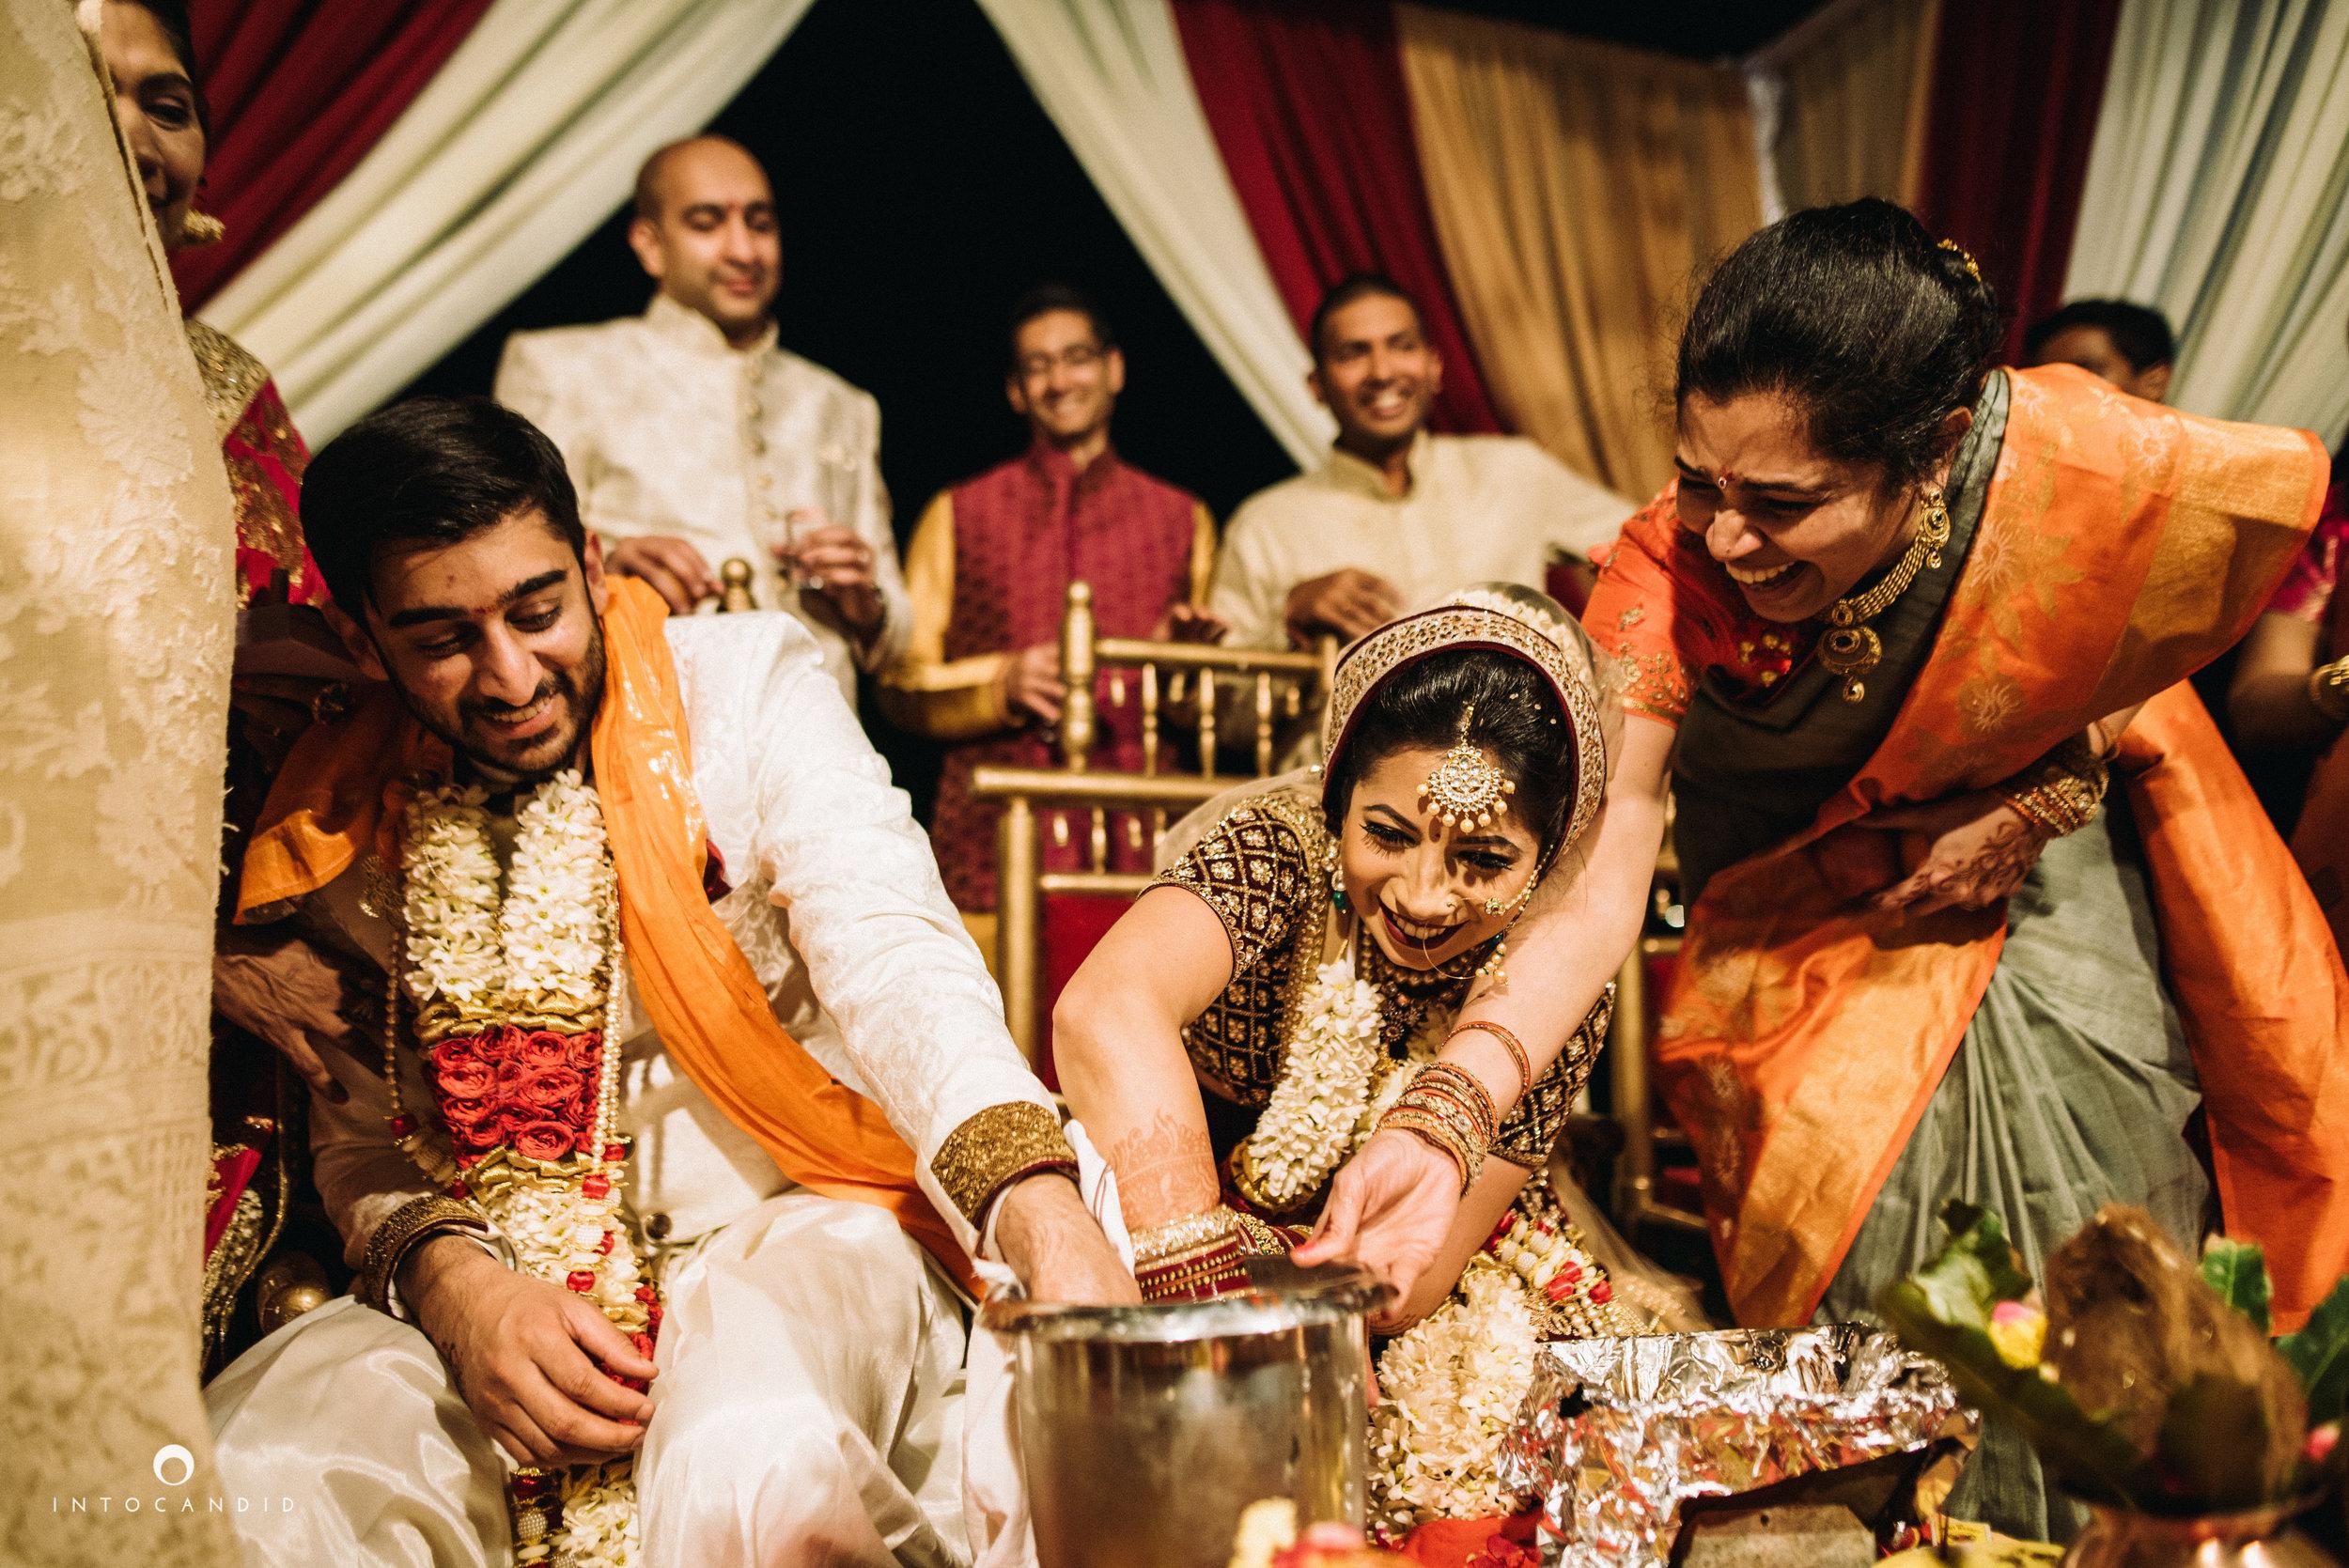 Dubai_Wedding_Photographer_54.JPG